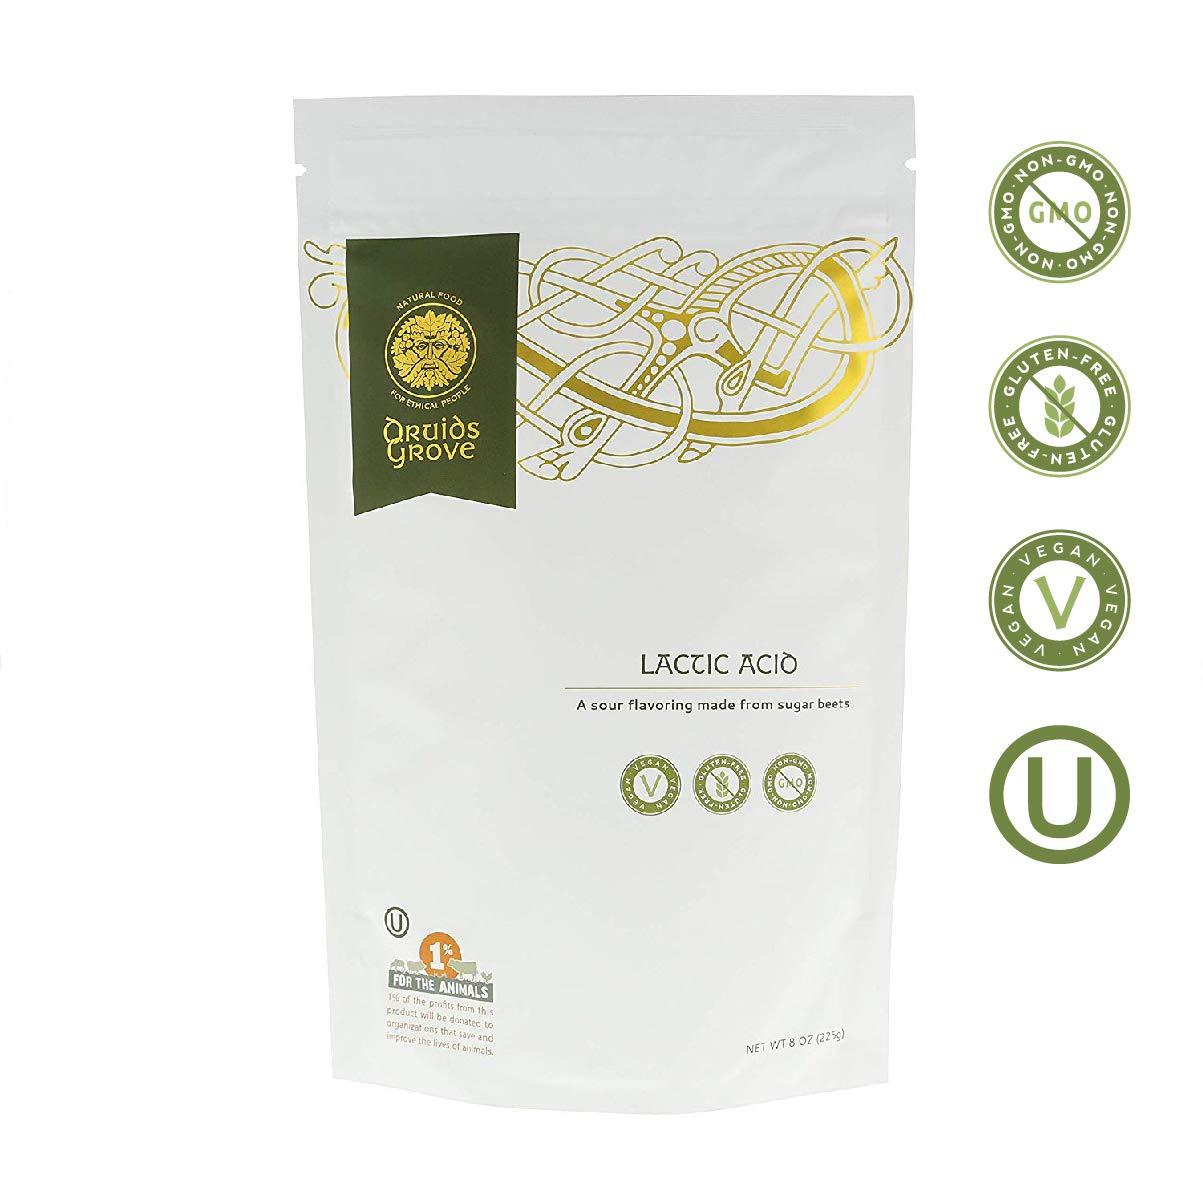 Bargain Druids Grove Lactic Acid store ☮ Vegan Glut ❤ ⊘ Non-GMO